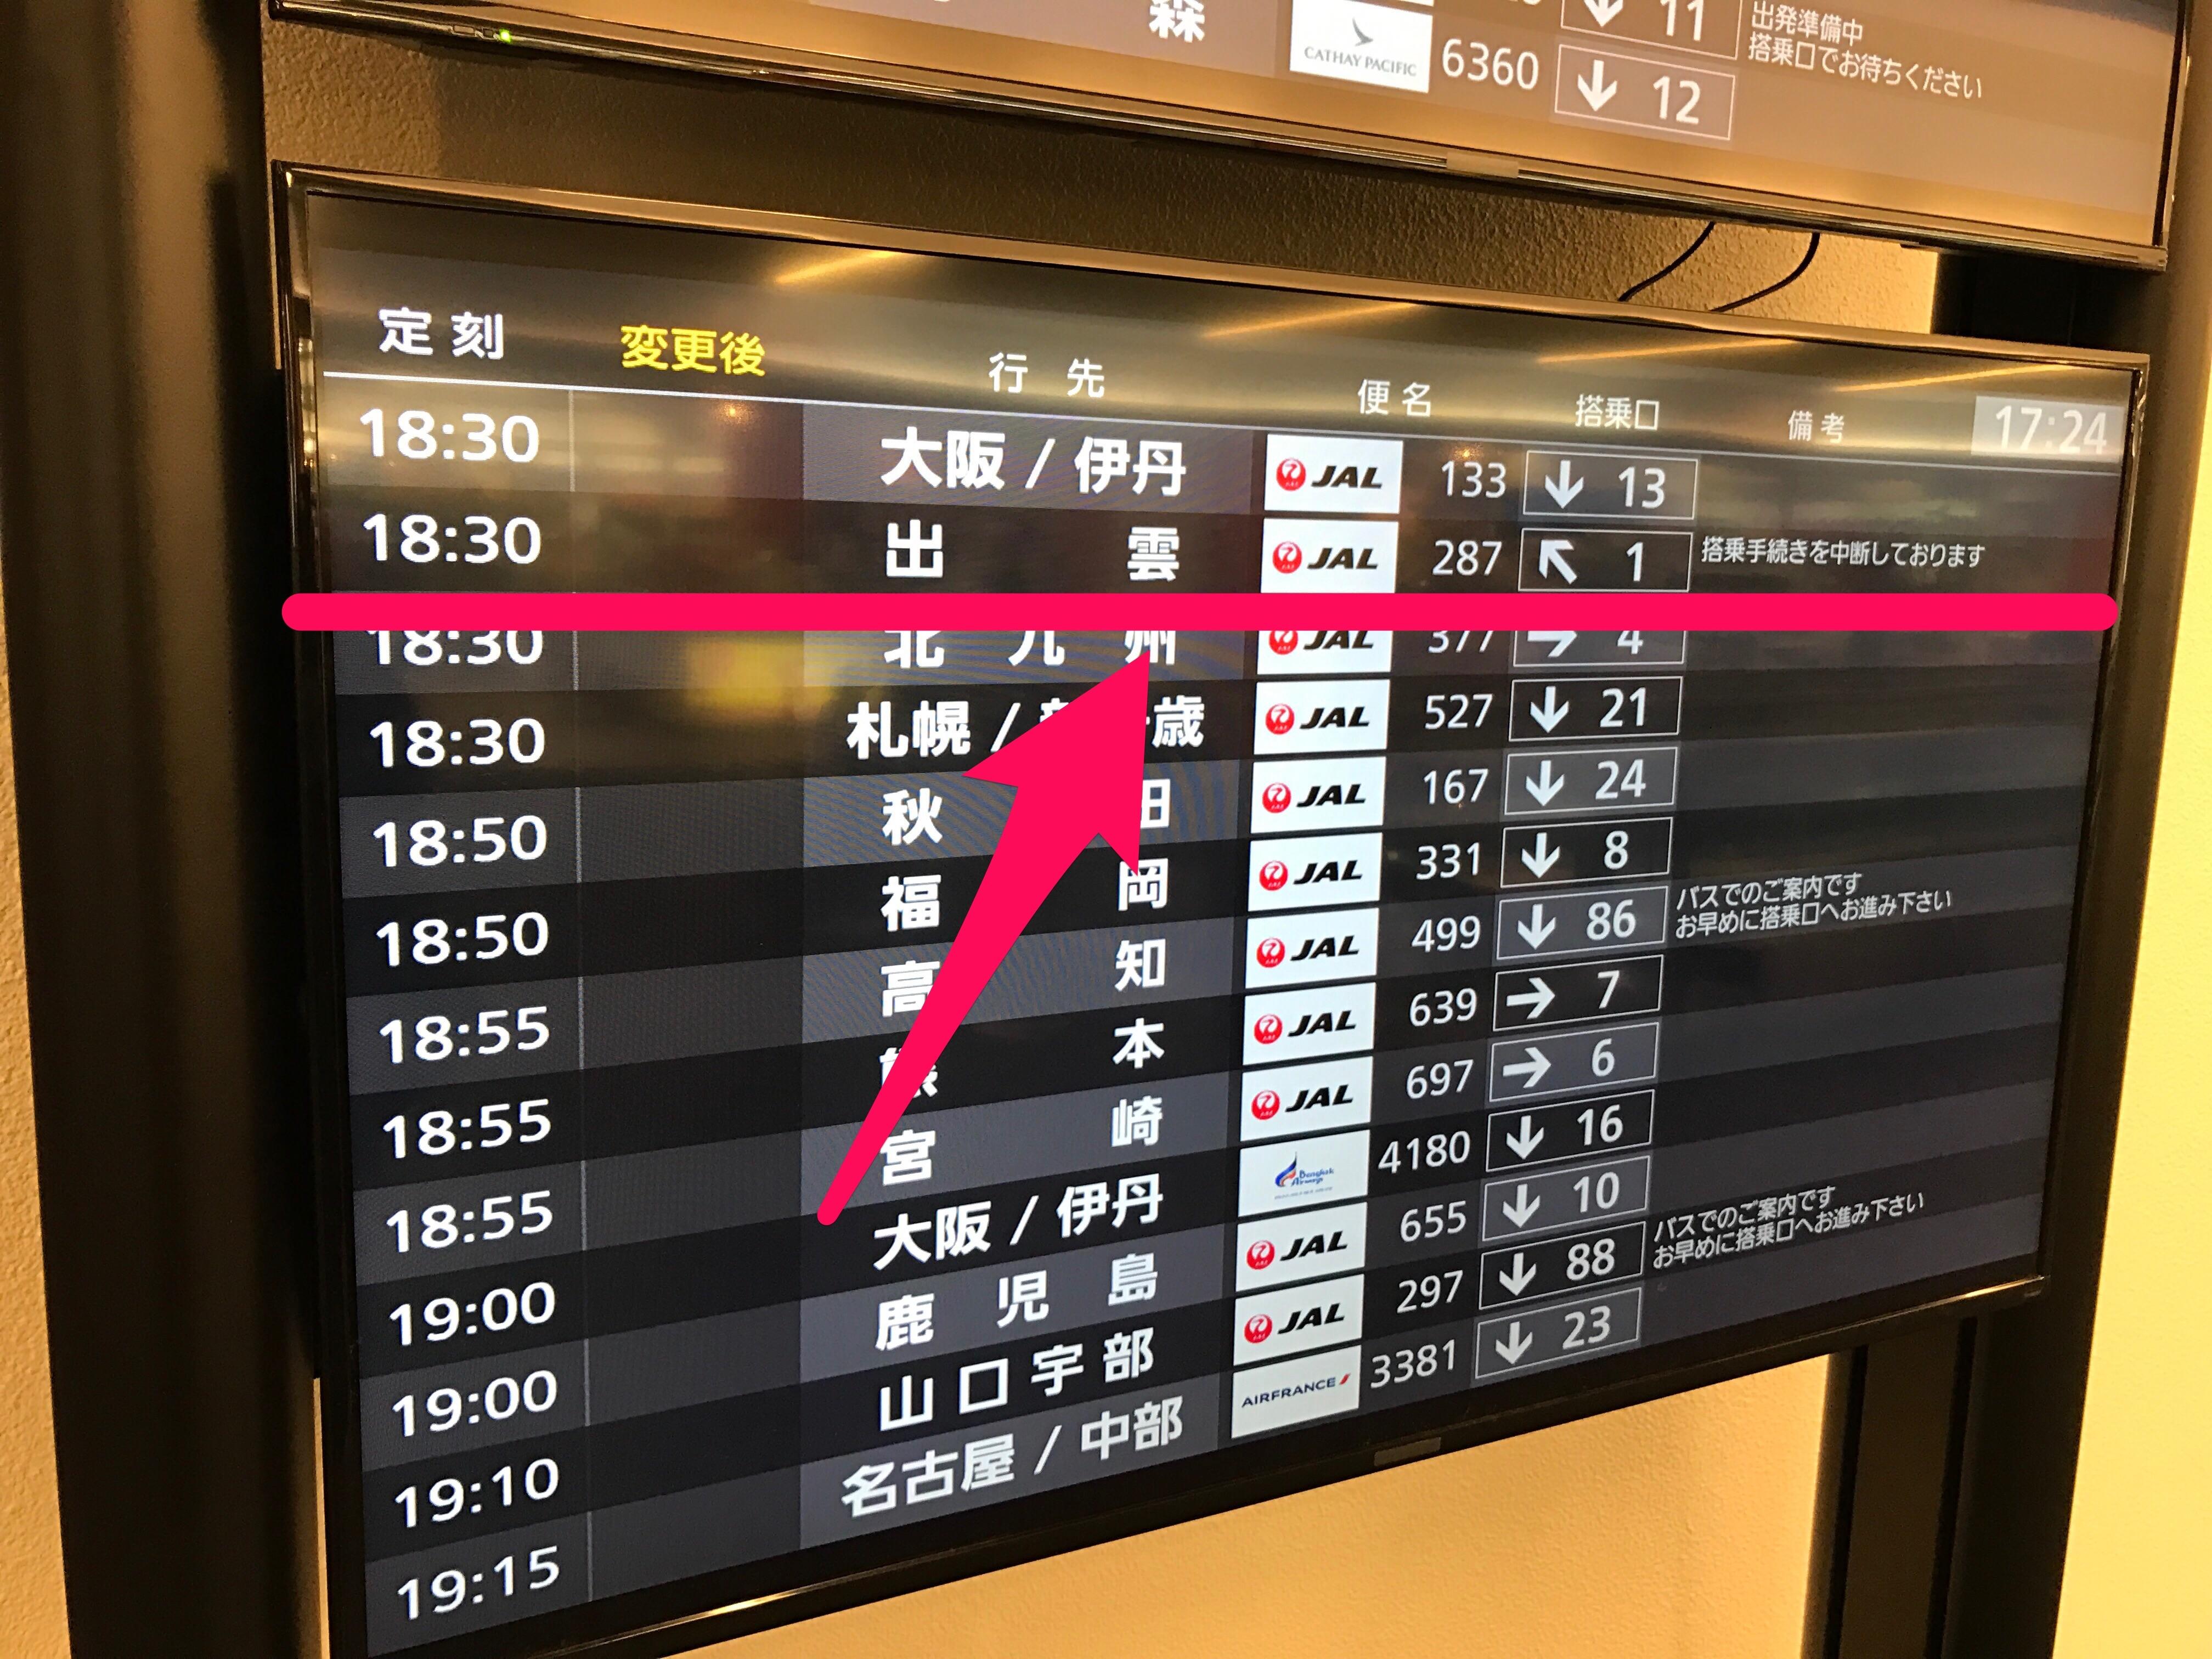 f:id:tomohiko37_i:20170108184745j:image